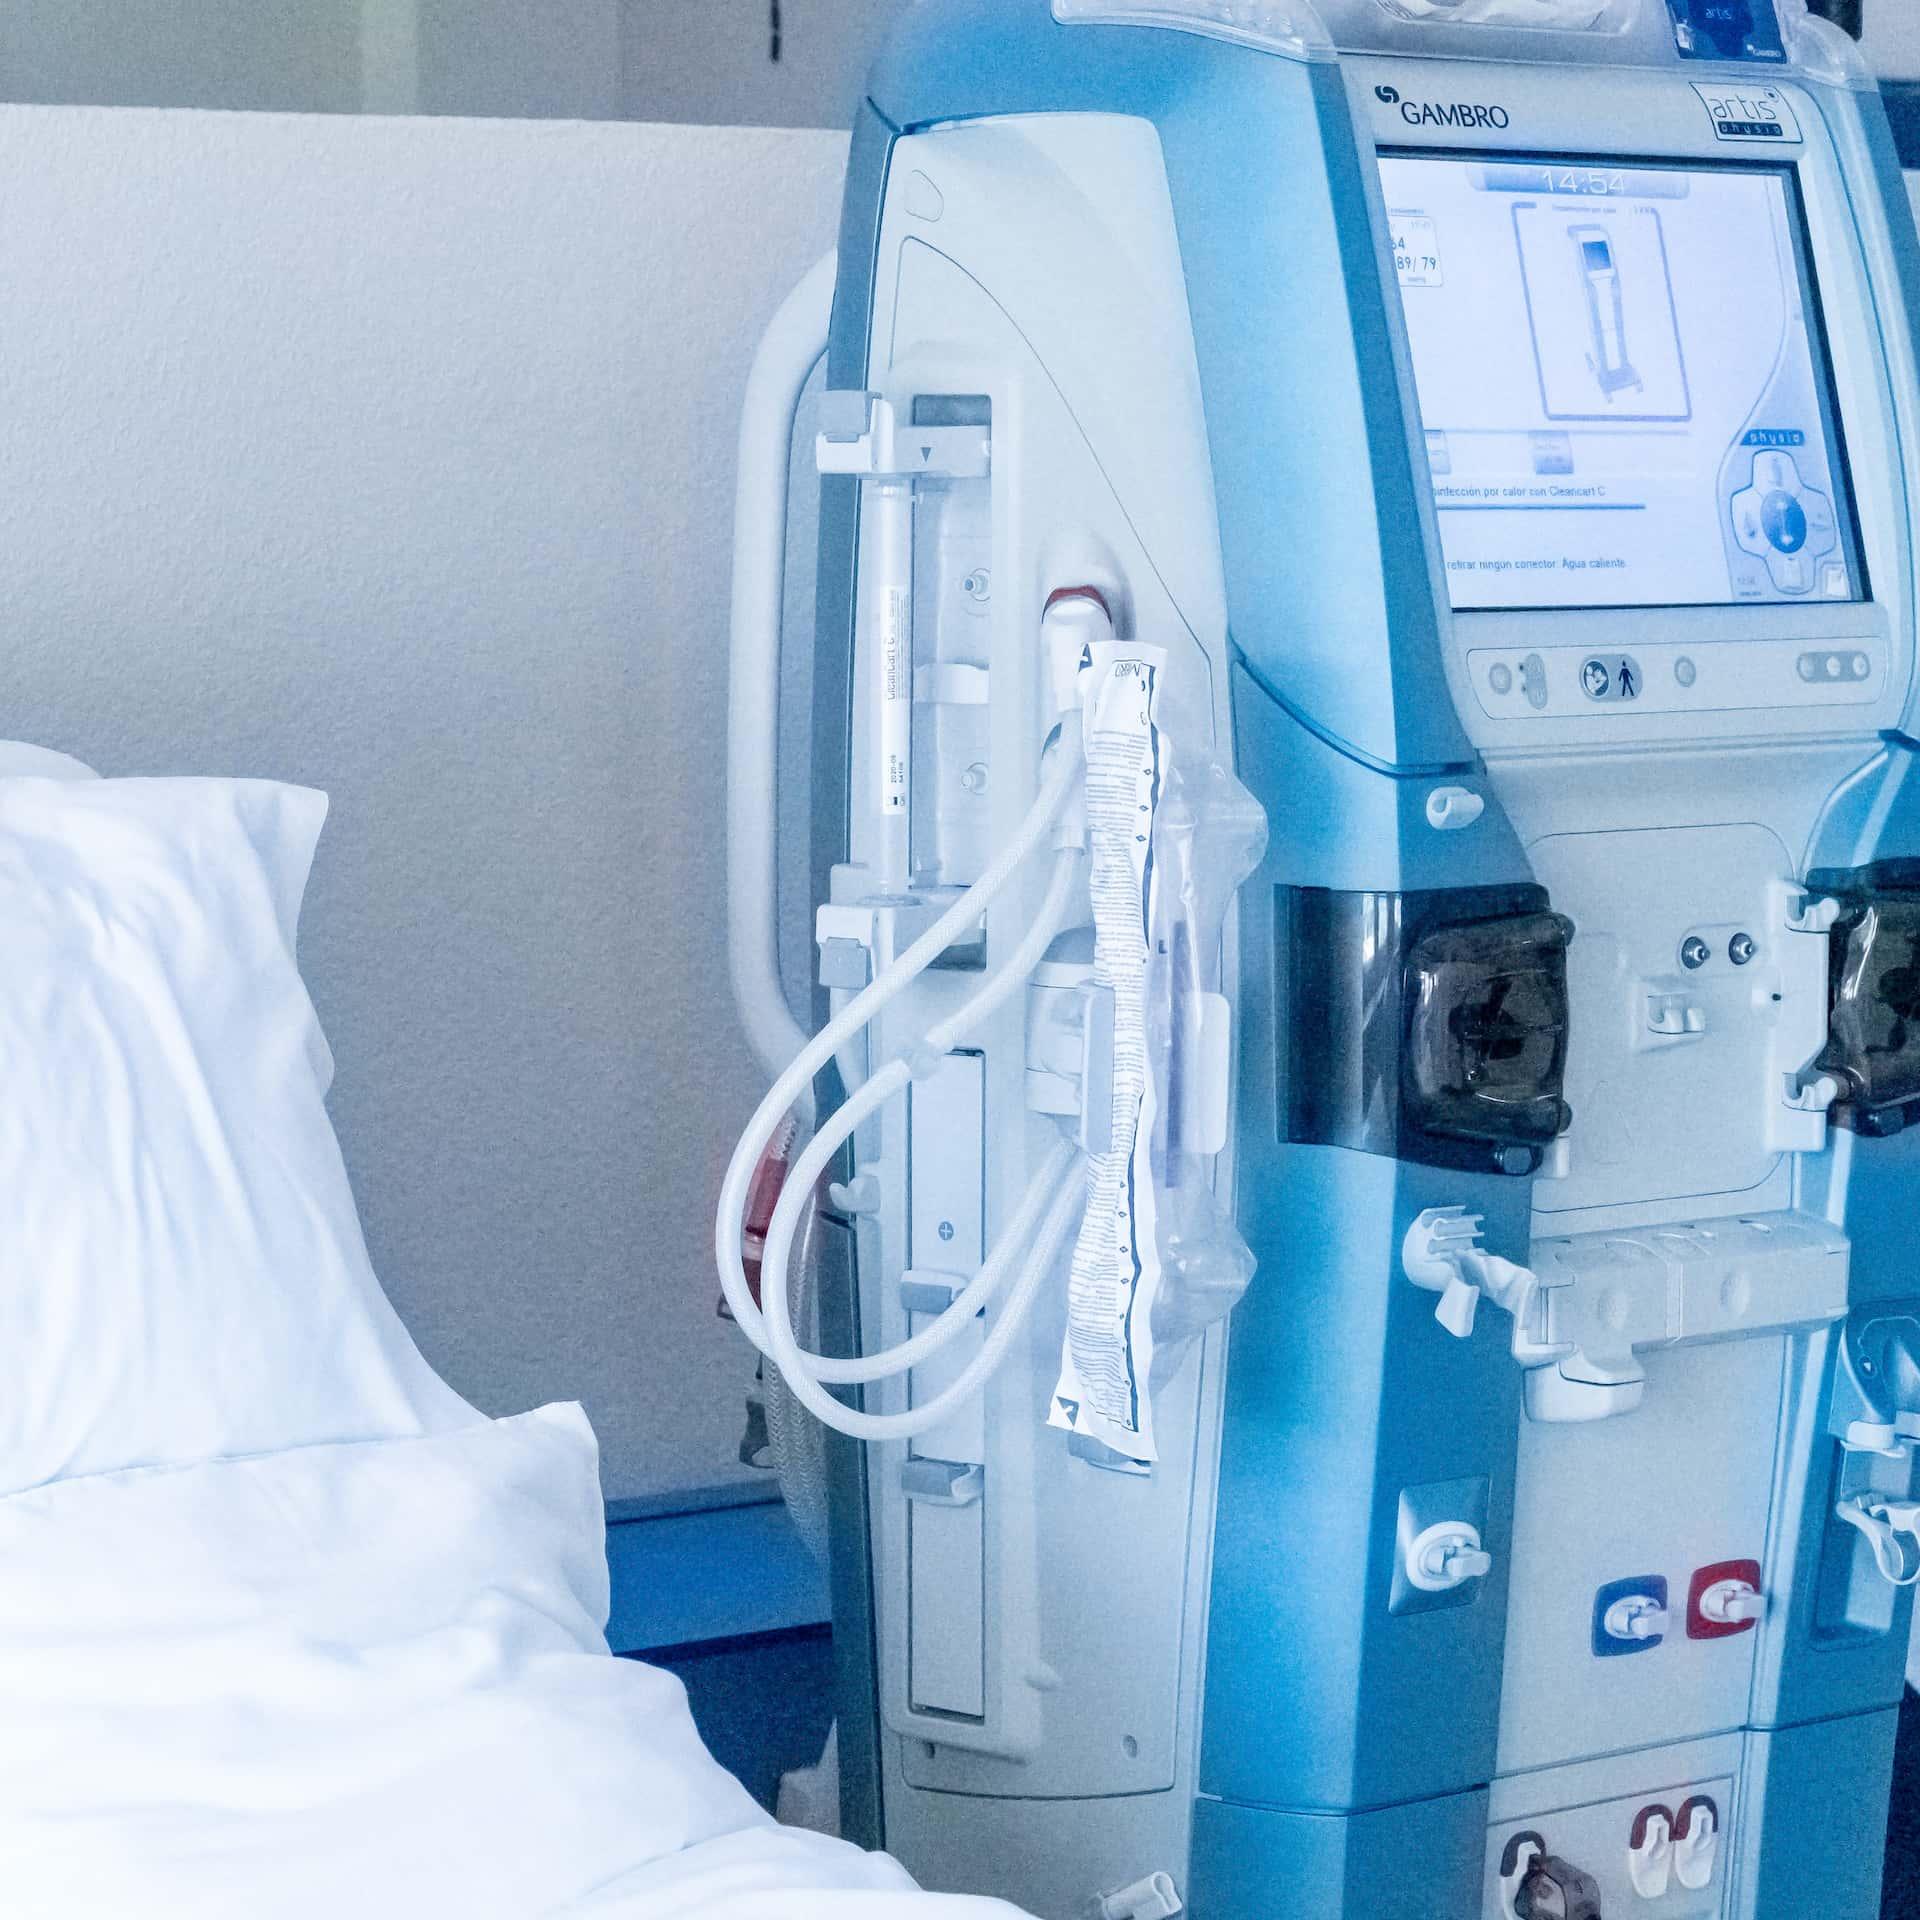 Nefrología - Hospital Santa Elena, clinica médica en Torremolinos, Málaga. Servicios sanitarios en la Costa del Sol. Más de 30 especialidades y servicio de urgencia